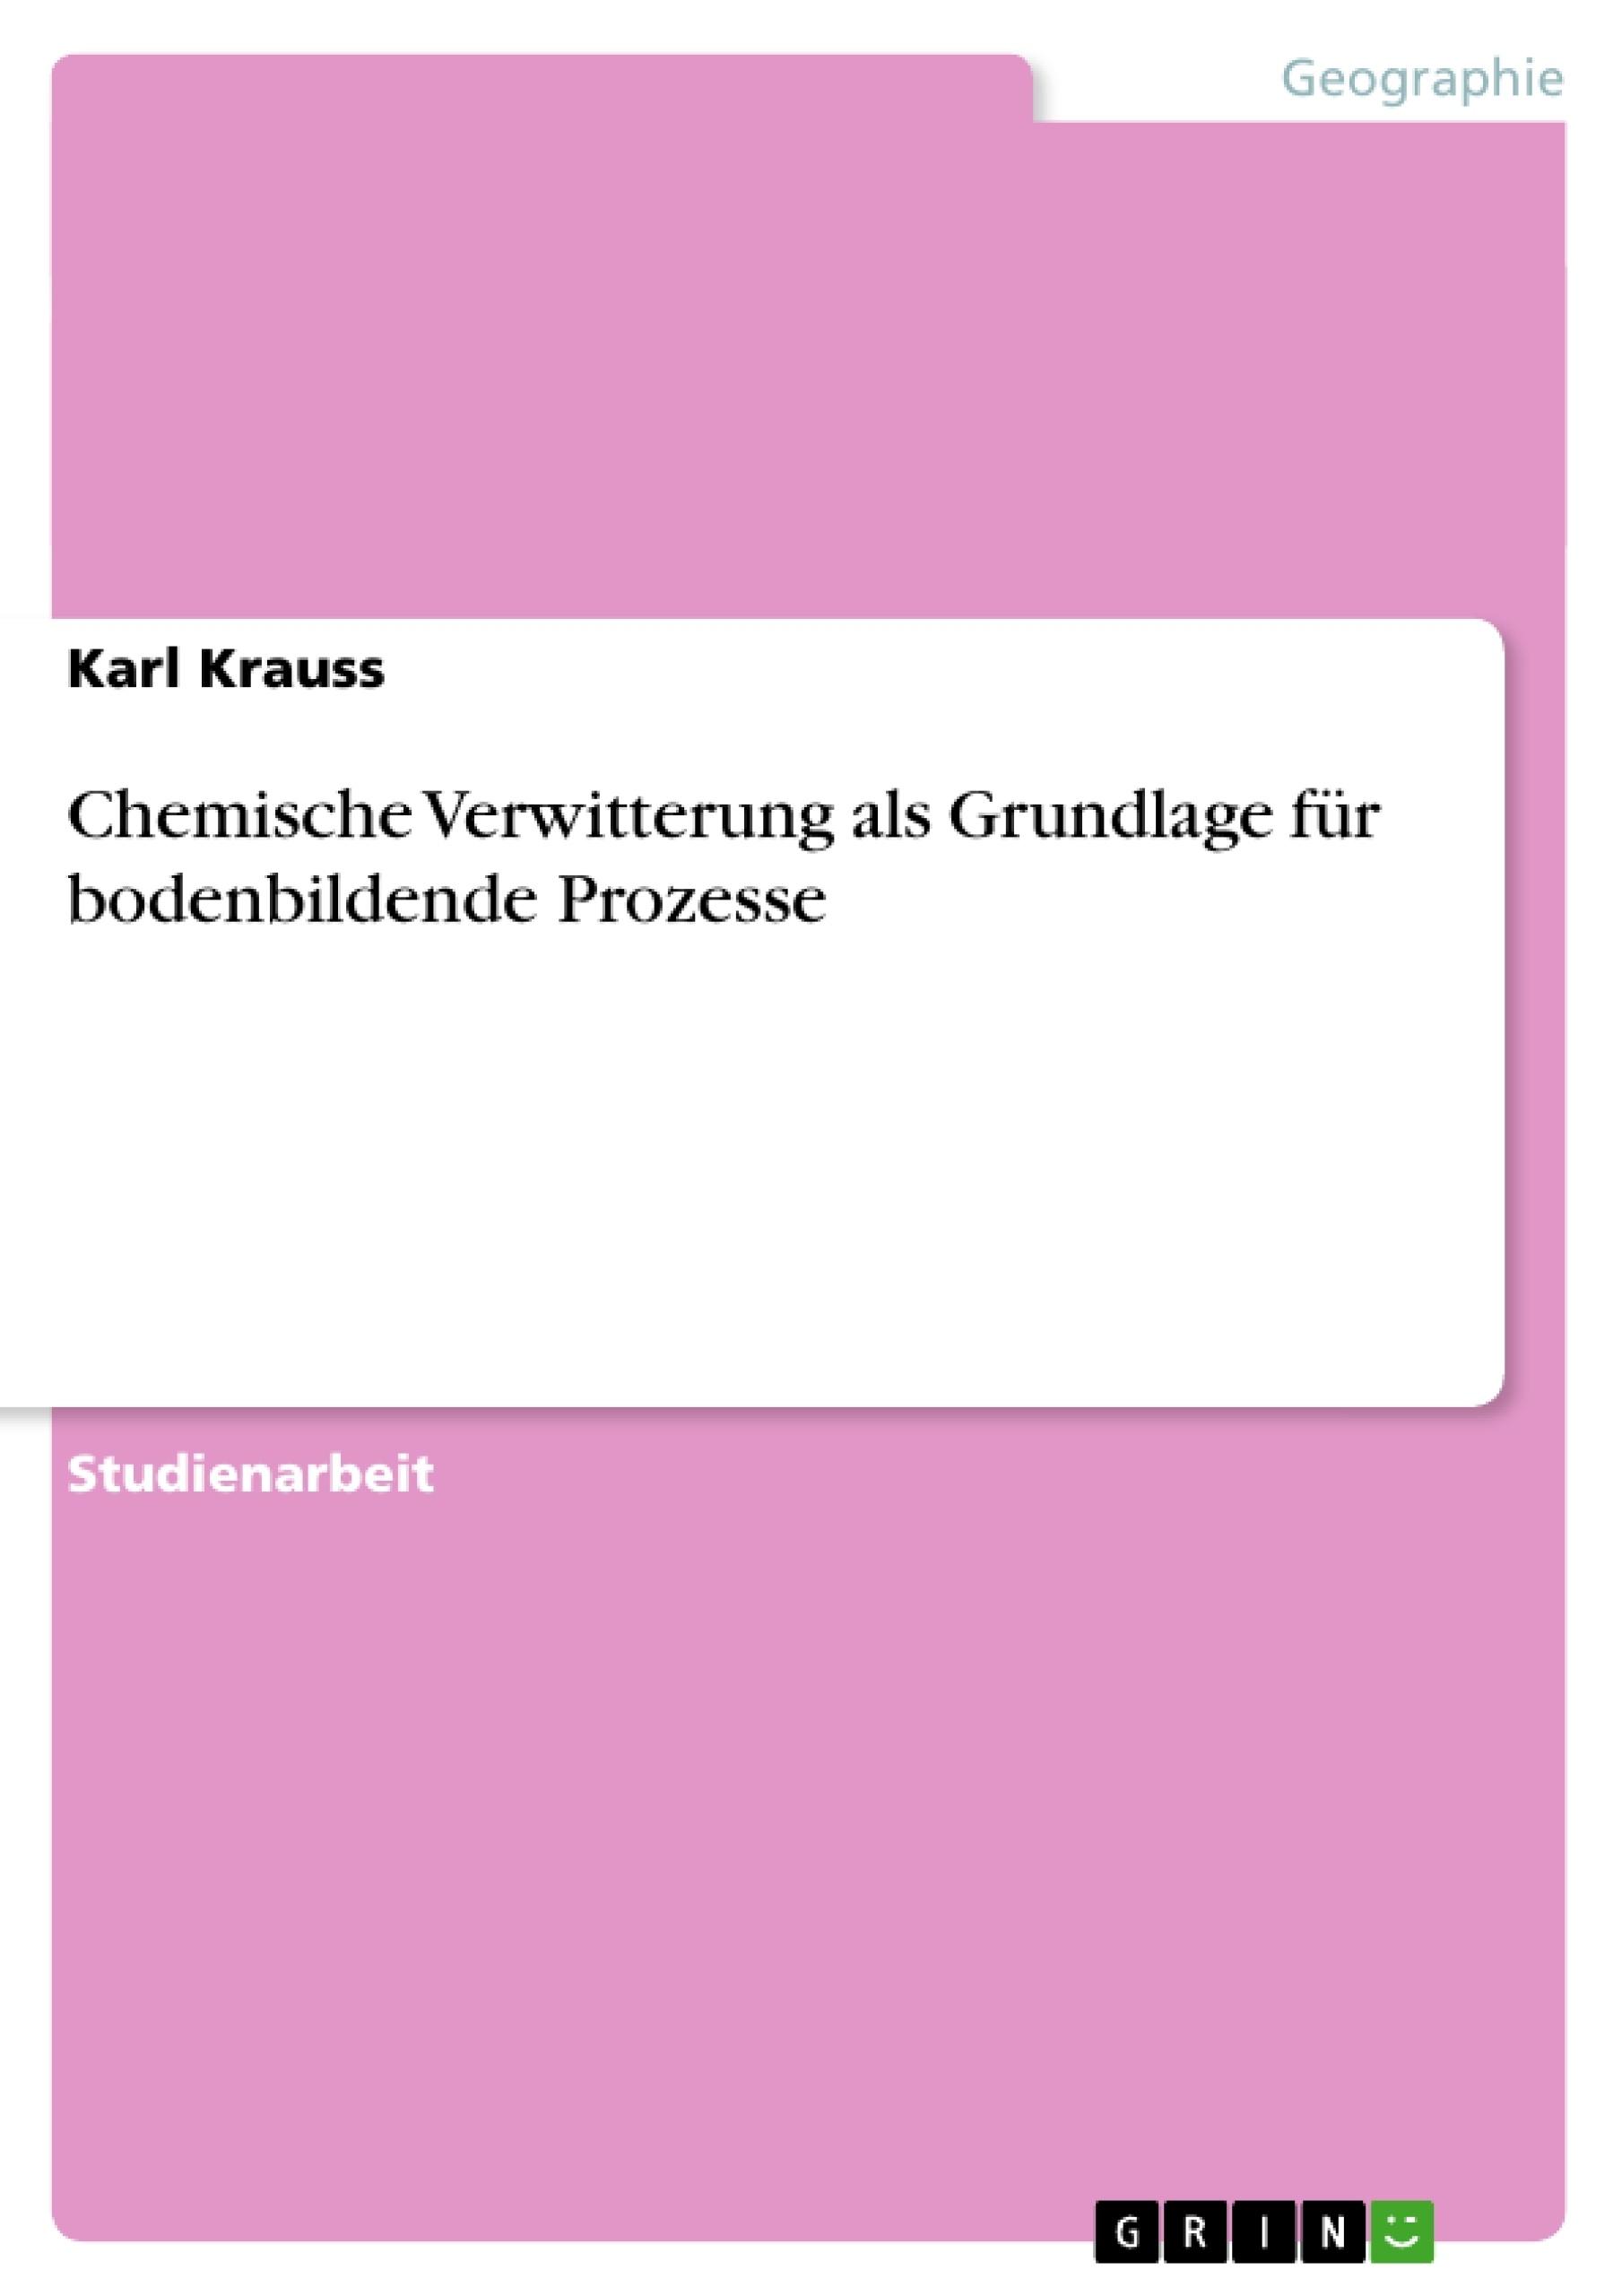 Titel: Chemische Verwitterung als Grundlage für bodenbildende Prozesse